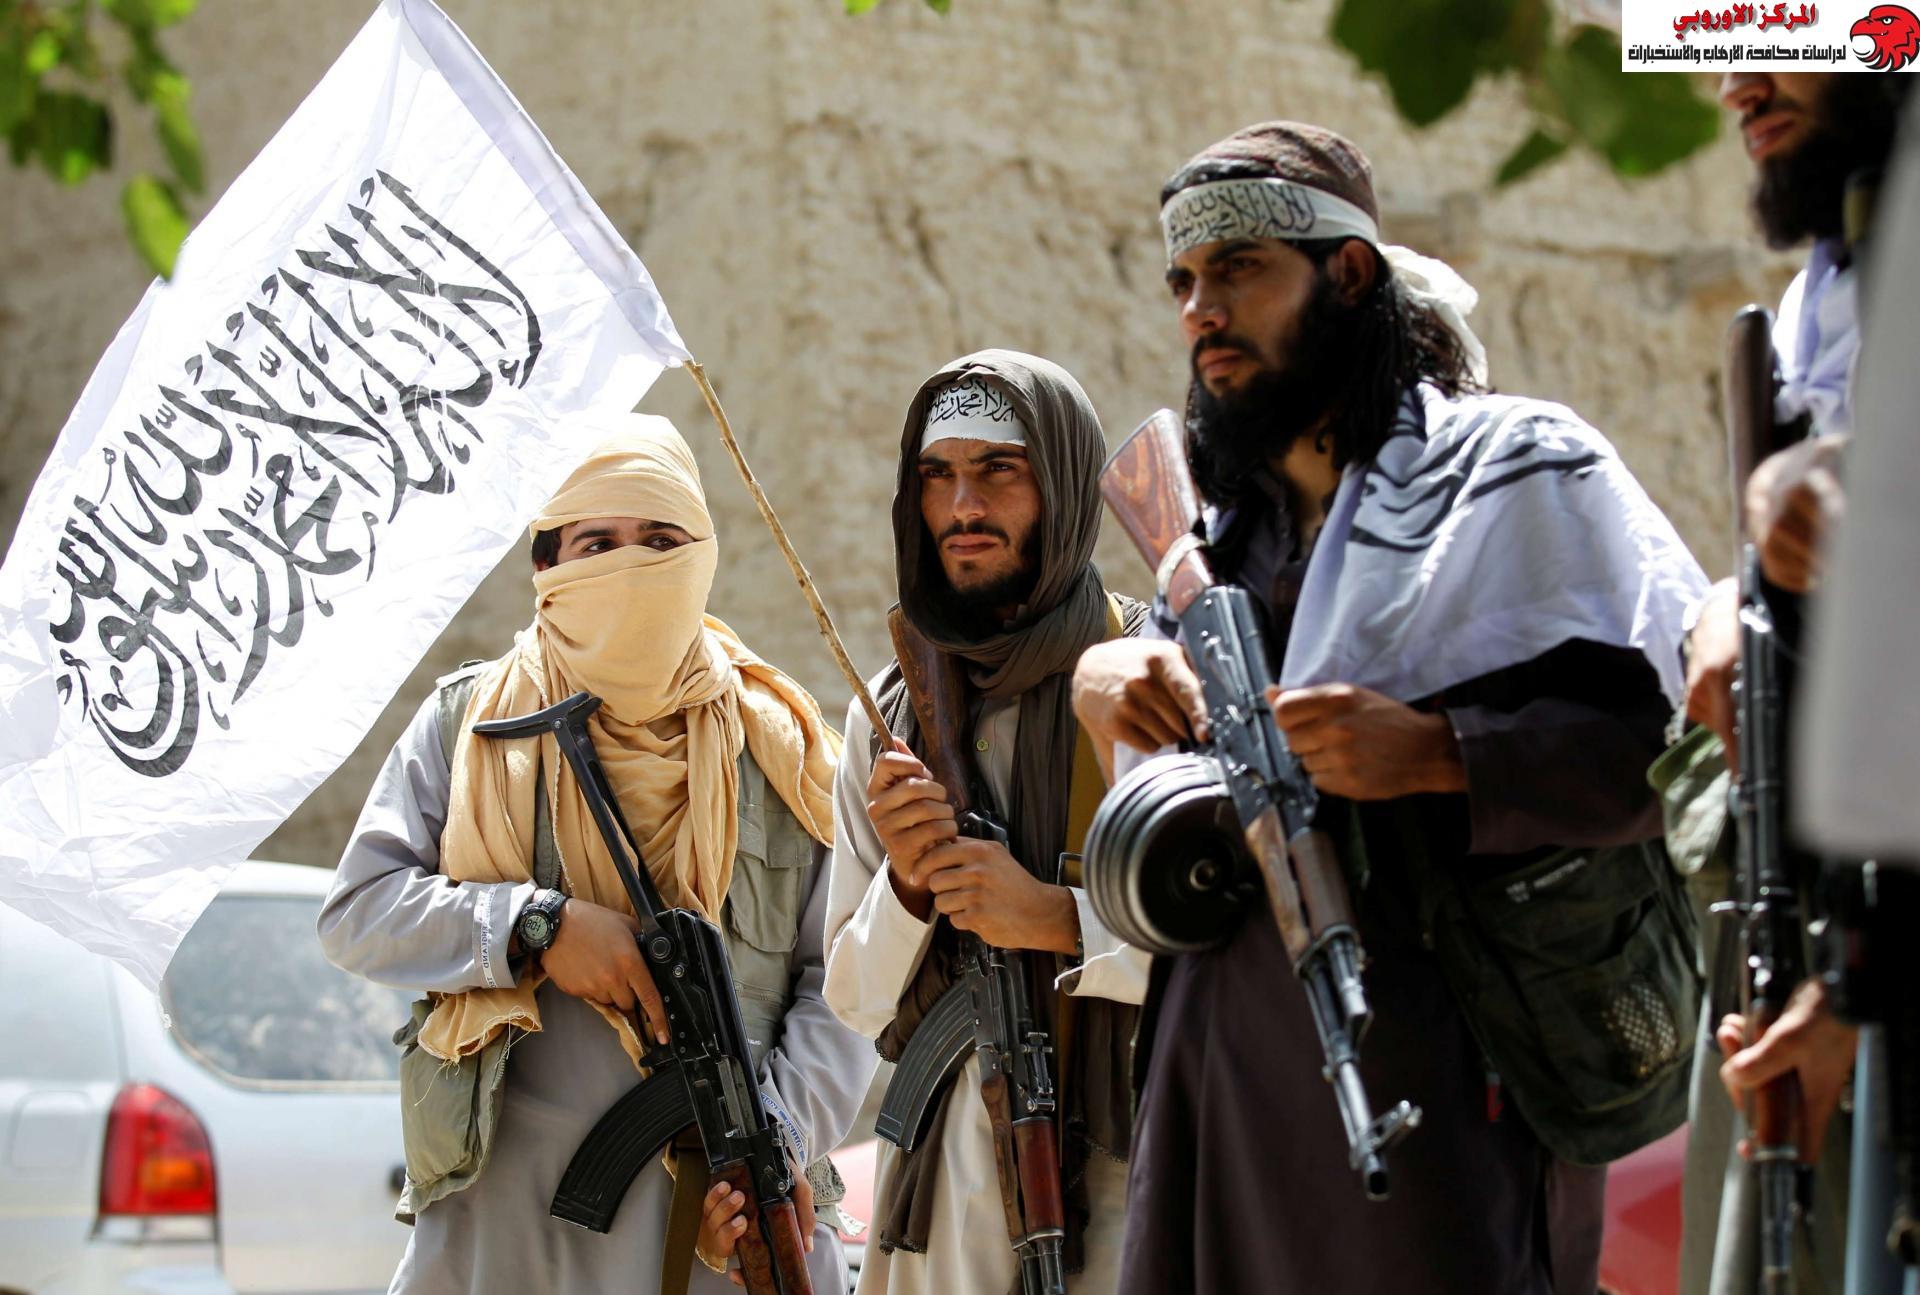 خريطة حواضن التطرف و الإرهاب … أفغانستان